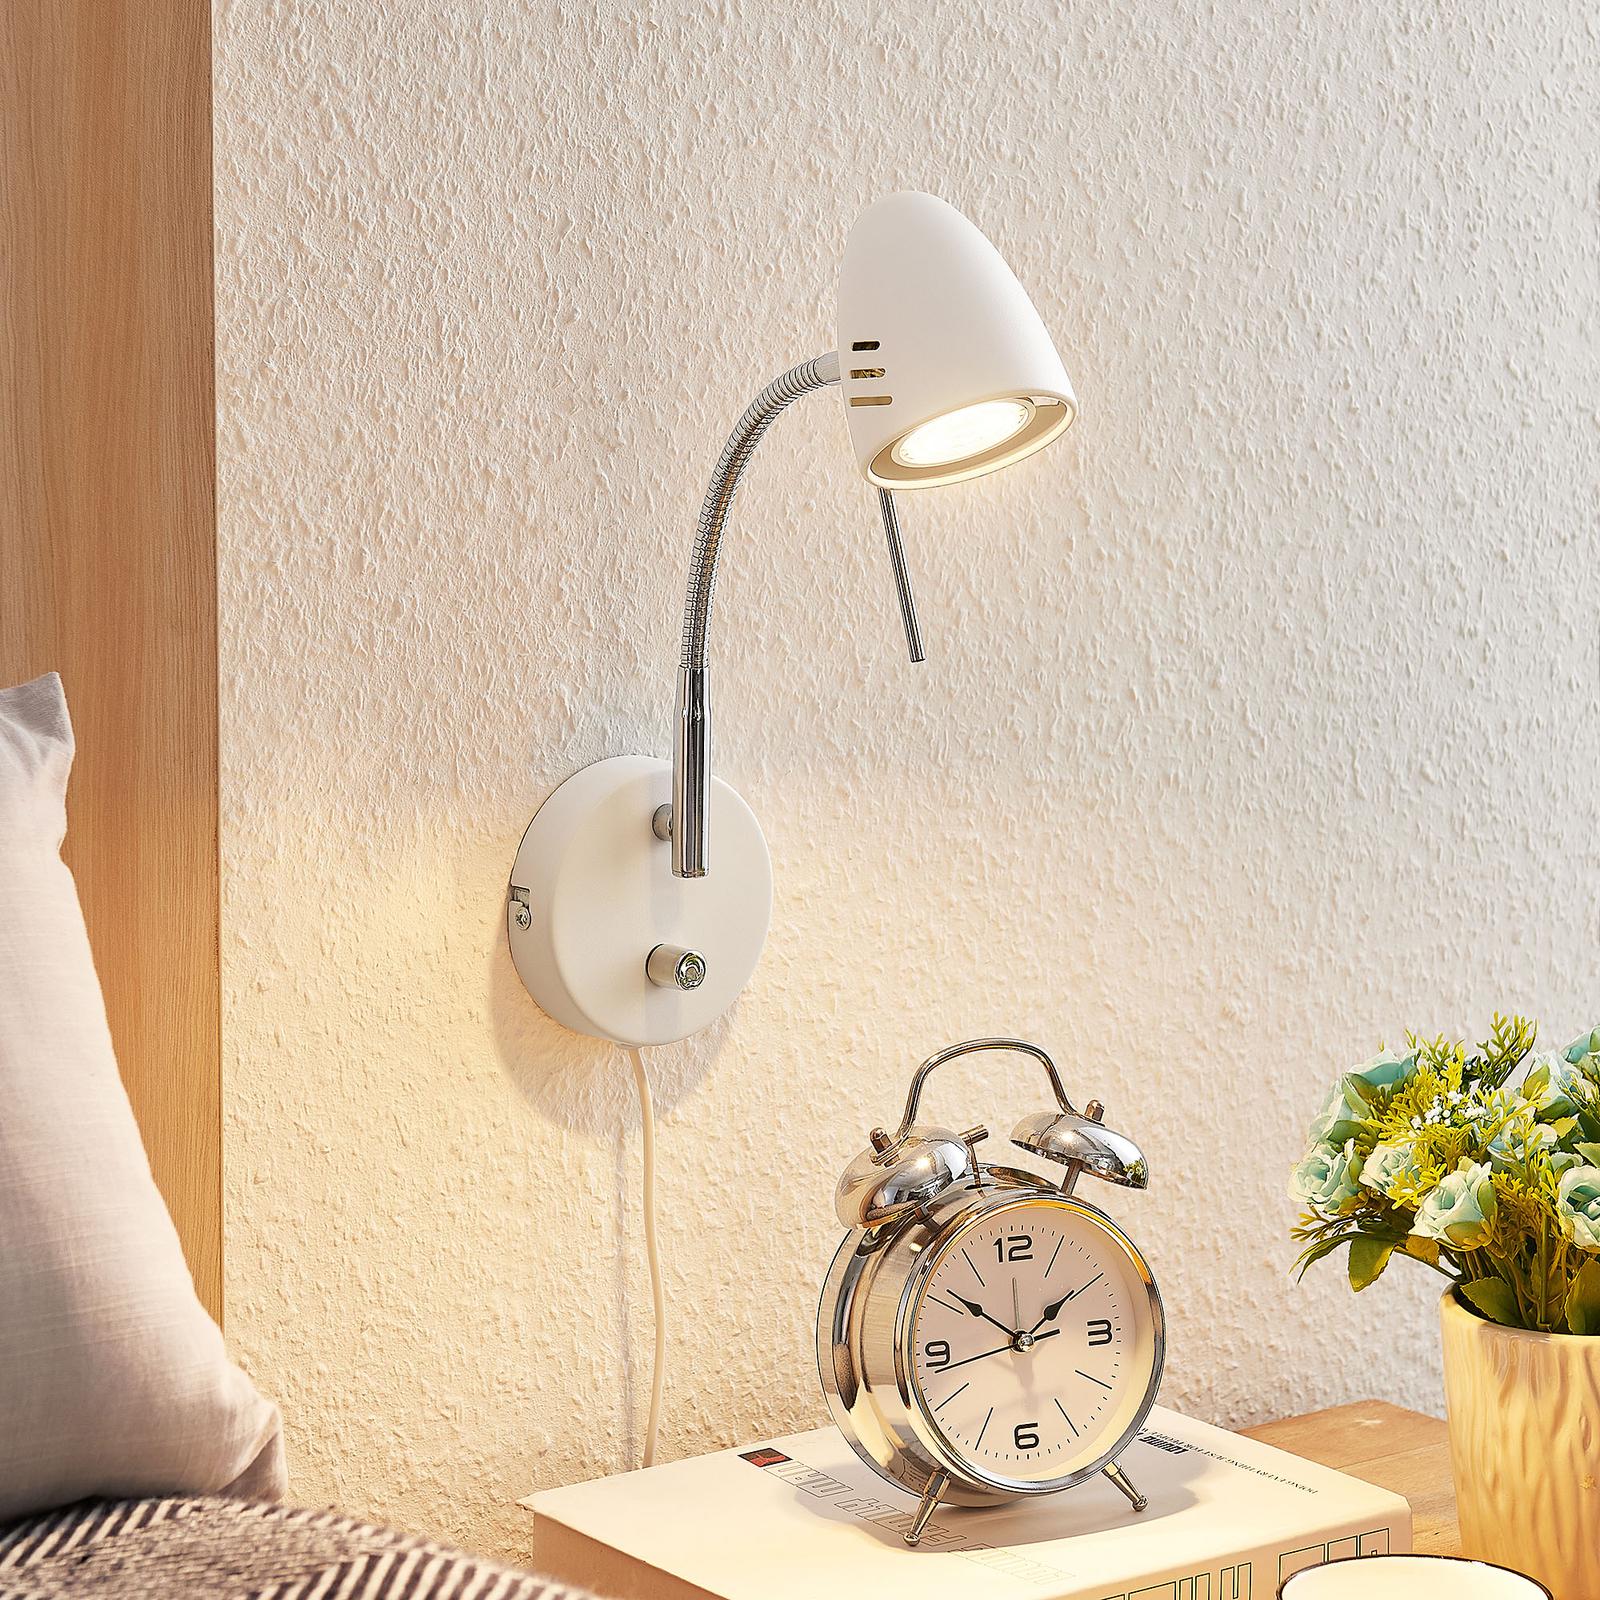 Lindby Heyko LED-væglampe med stik, dæmpbar